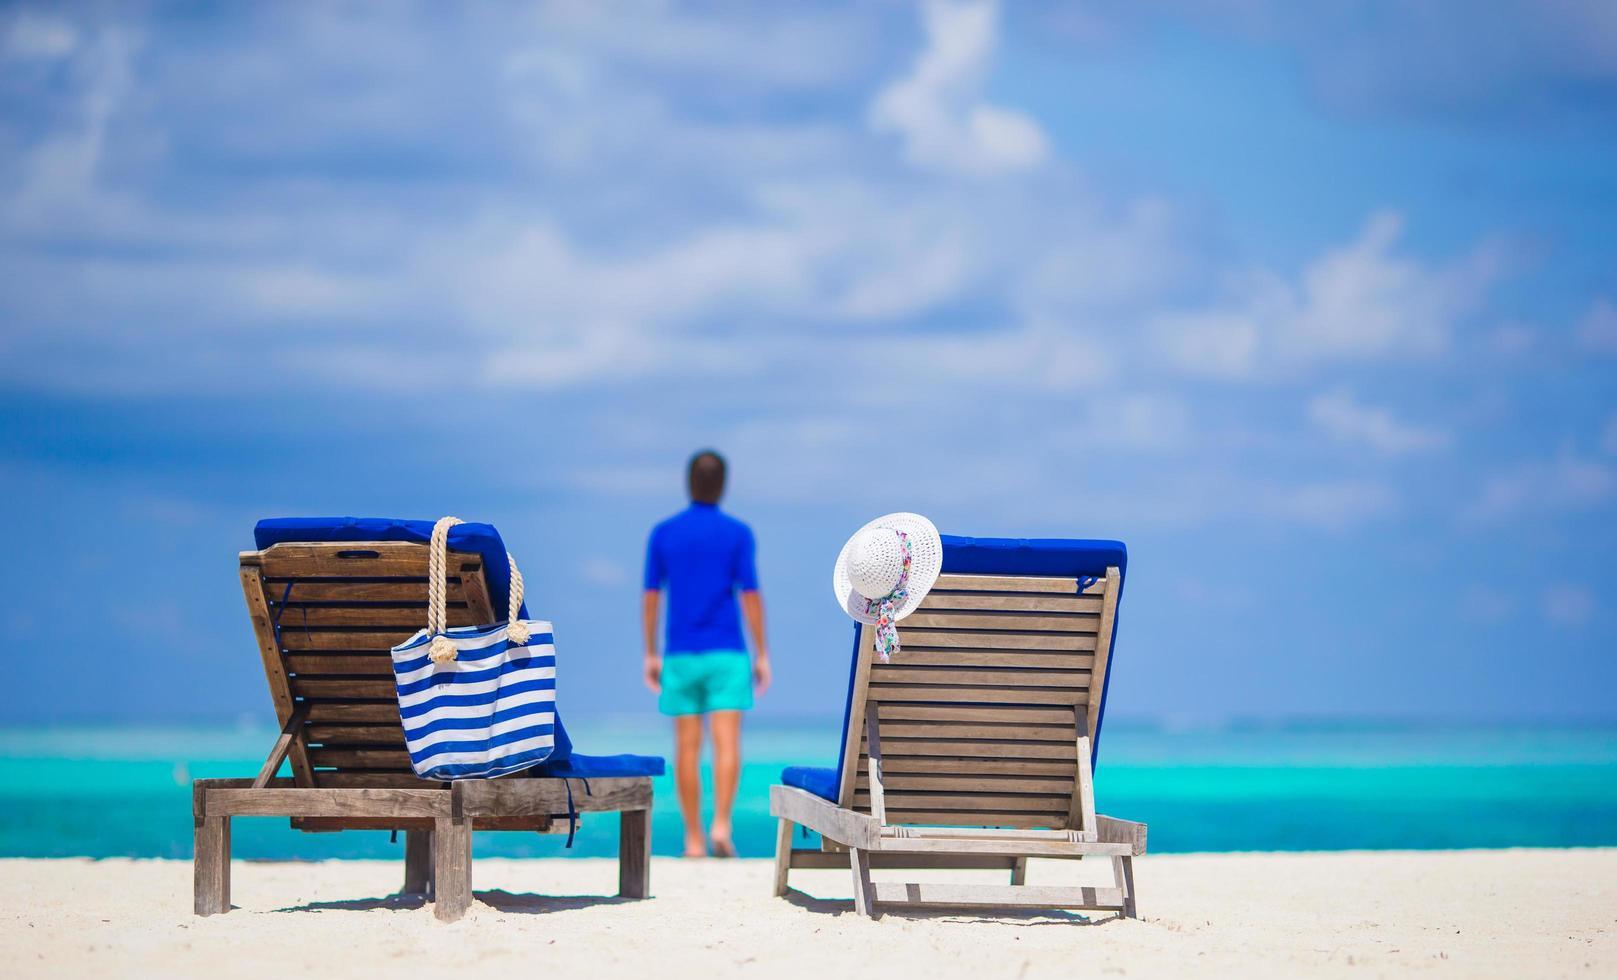 tumbonas en una playa con una persona en la distancia foto